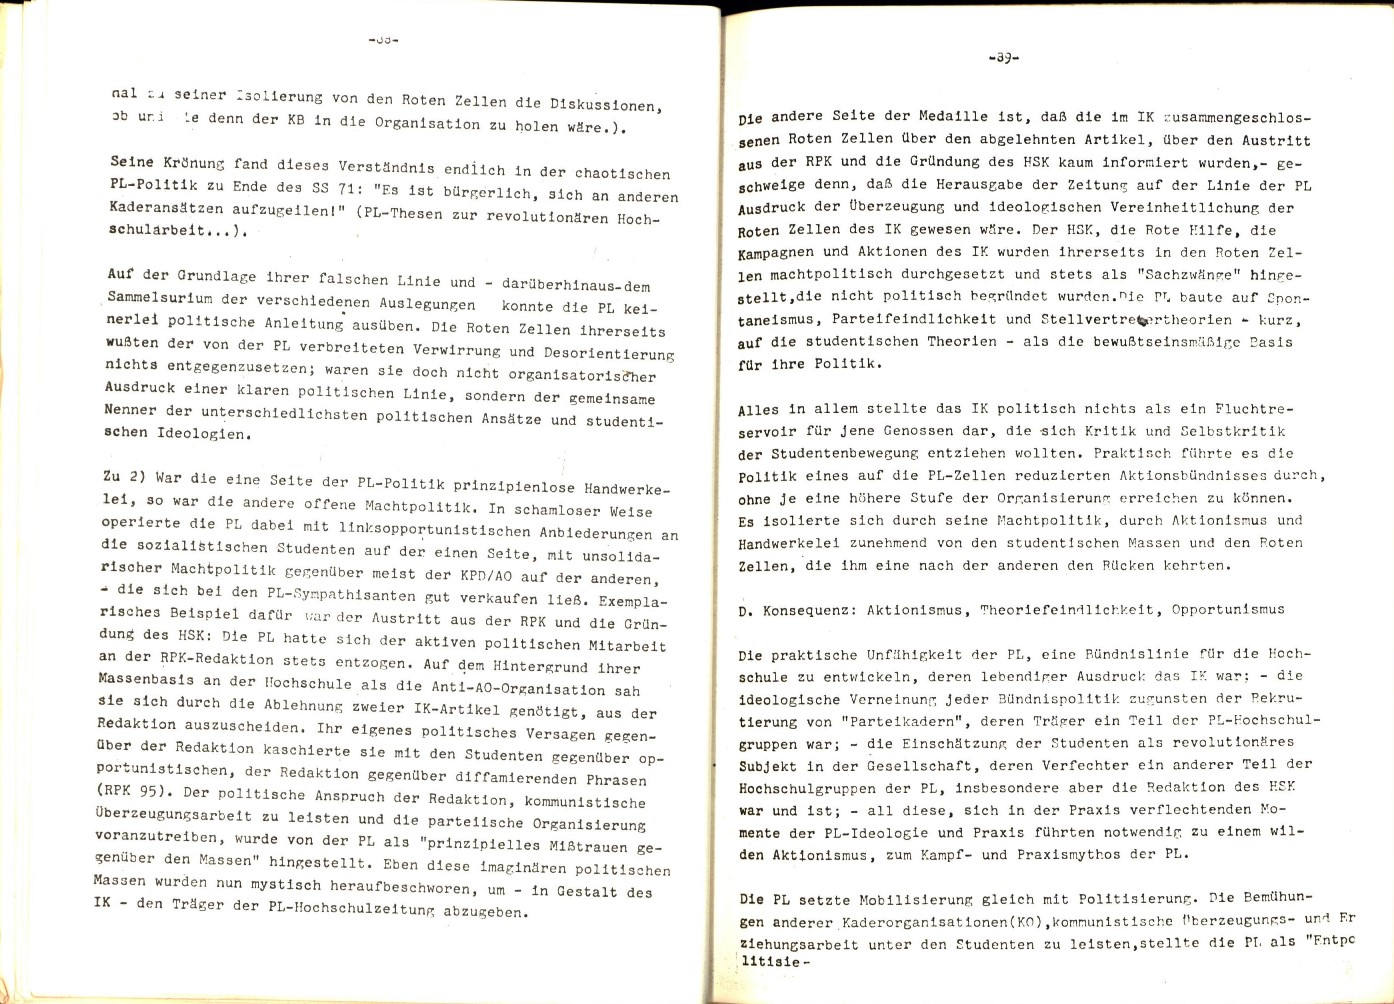 PLPI_1971_Aufloesung_47